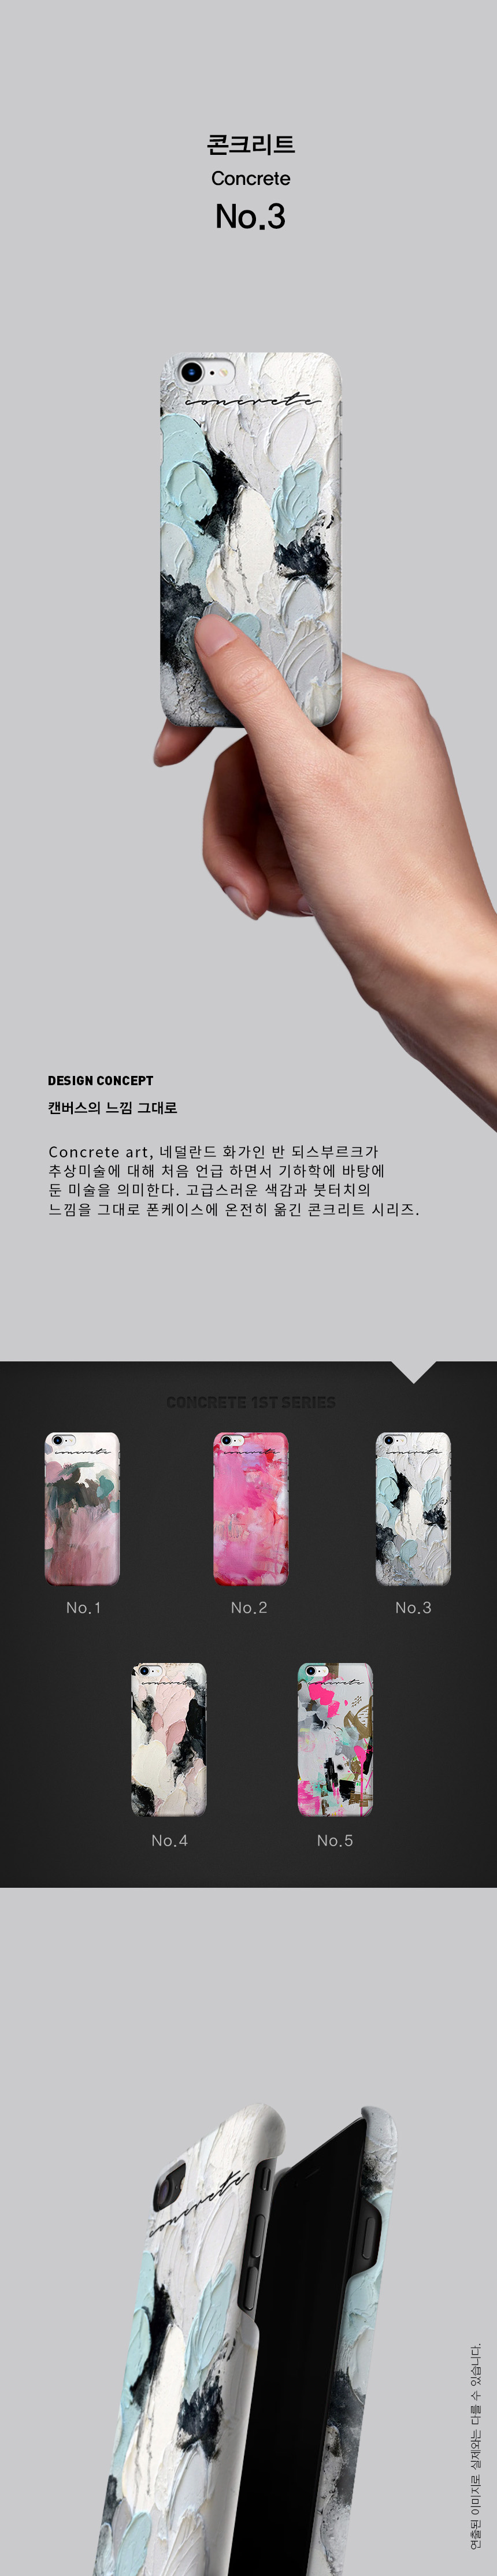 기키(GEEKY) geeky phone case concrete no.3